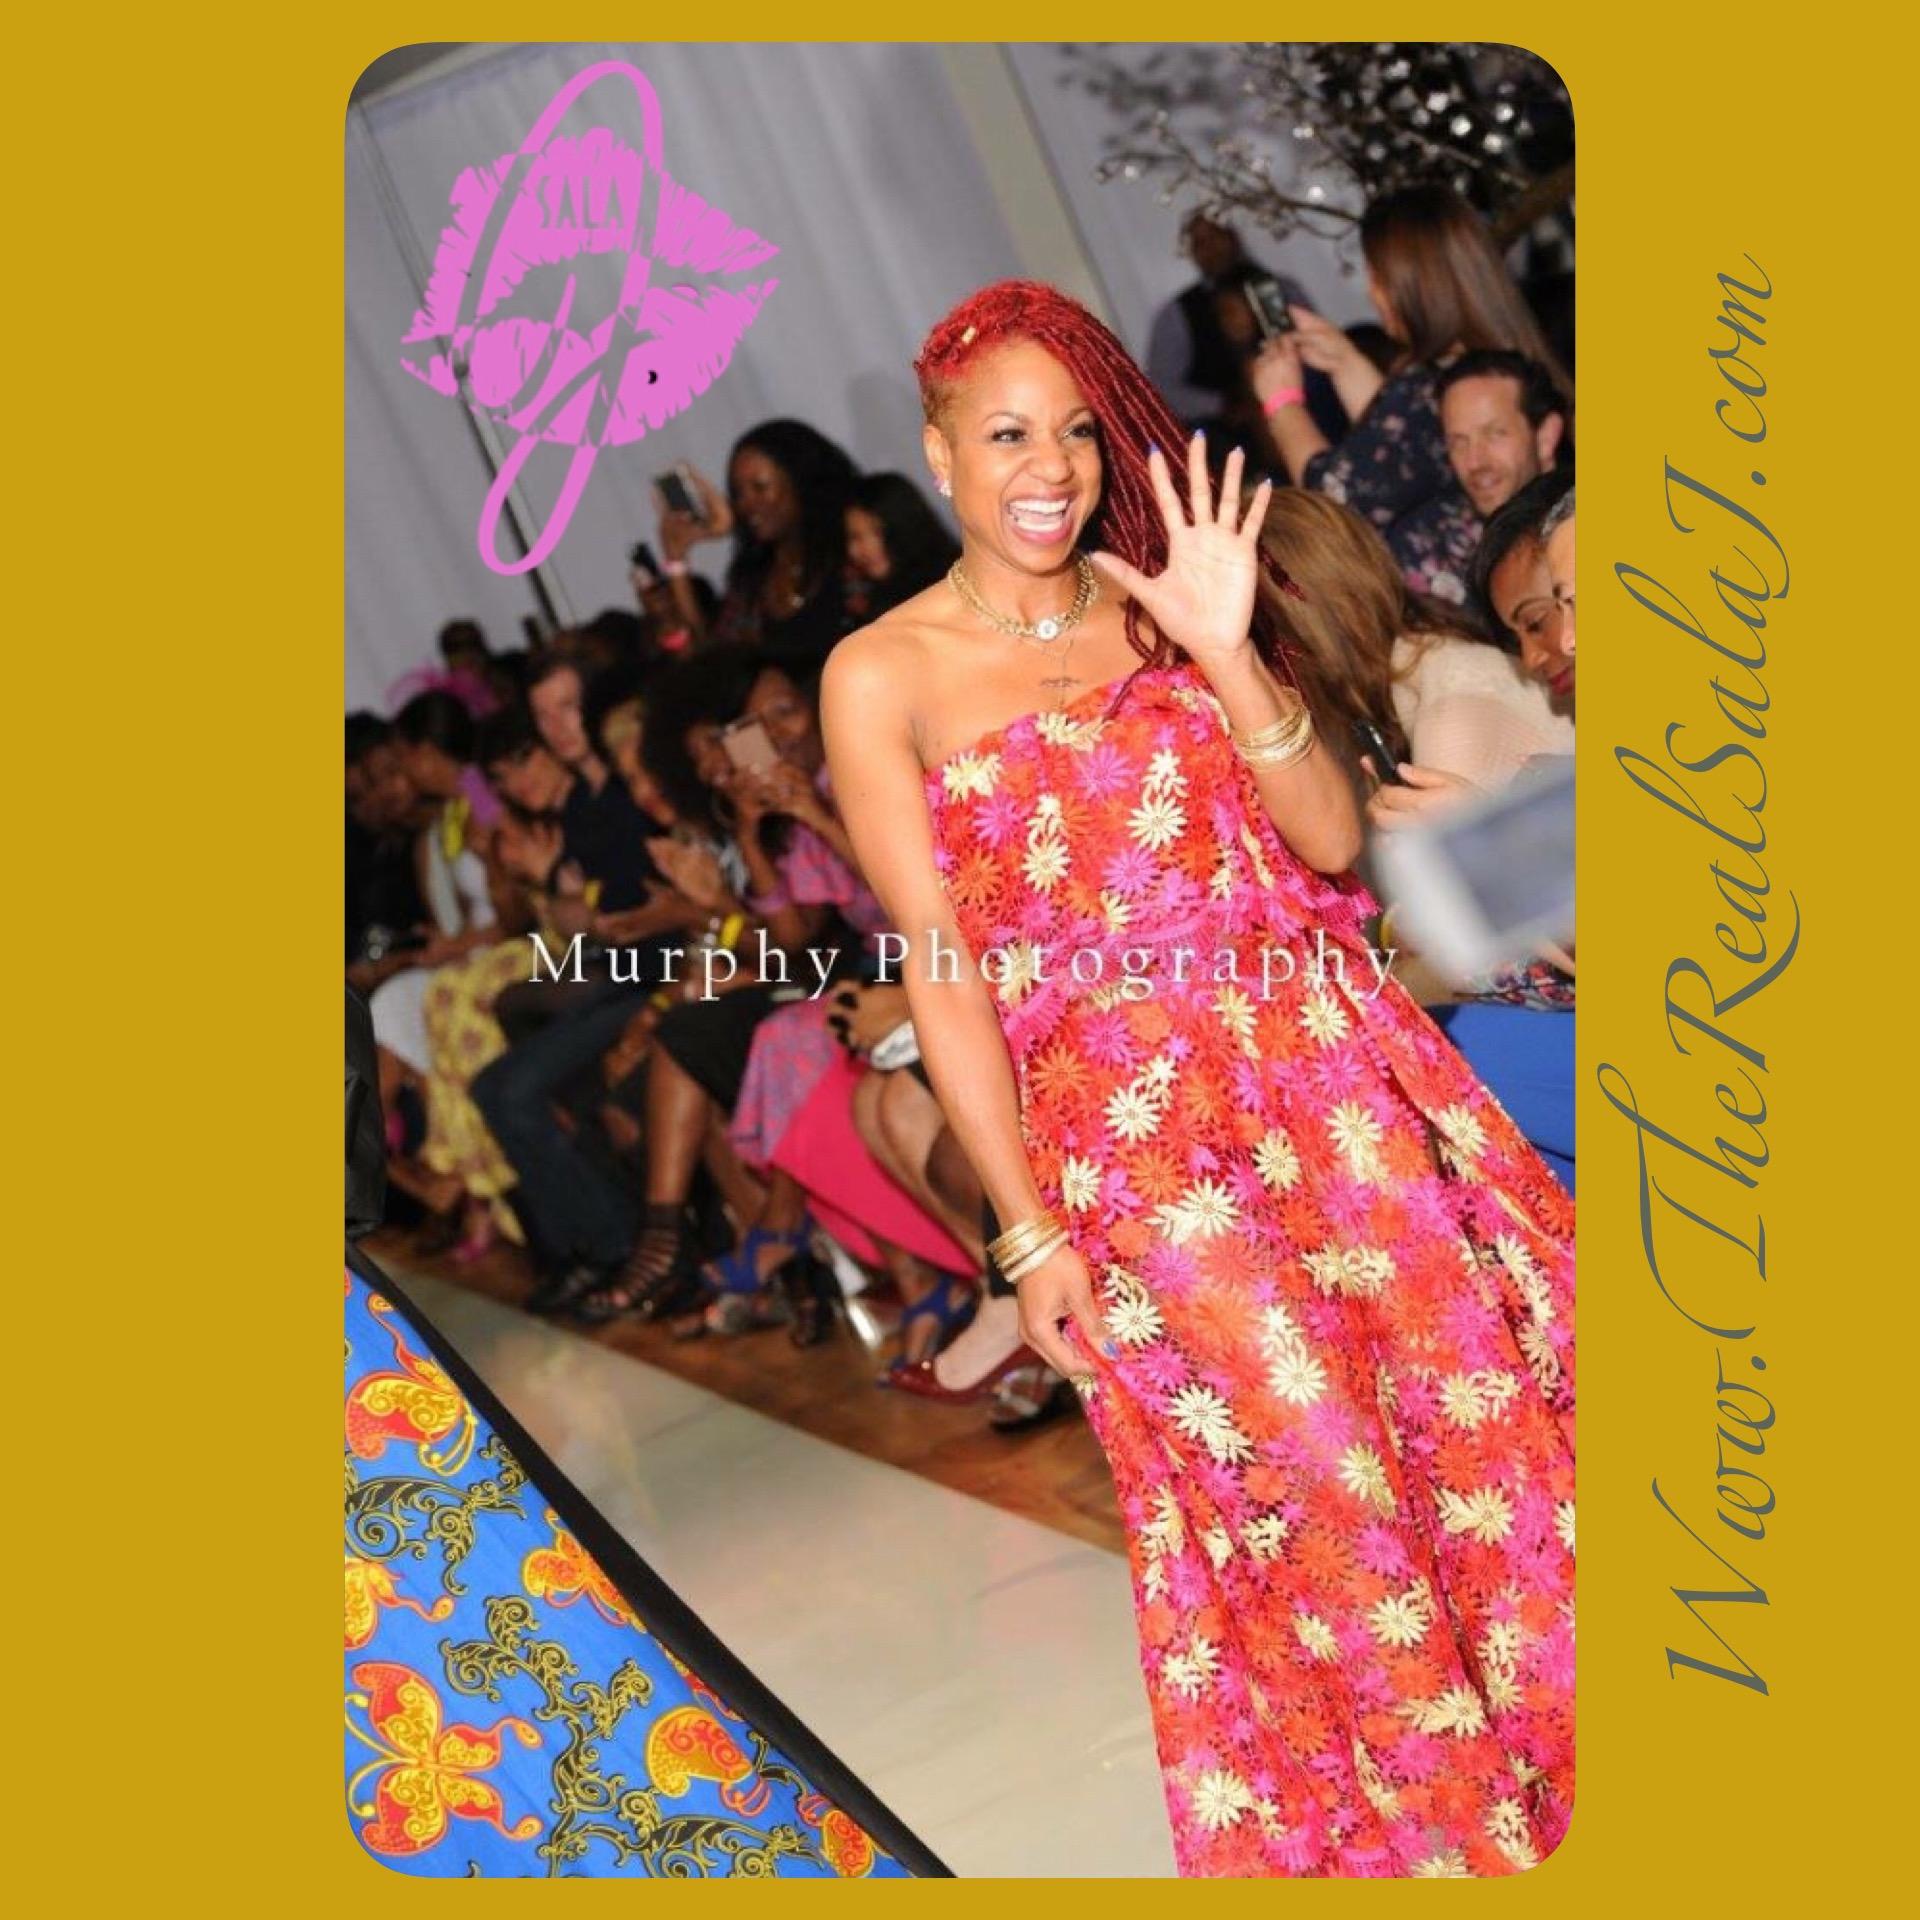 Designer Floral Crochet Set